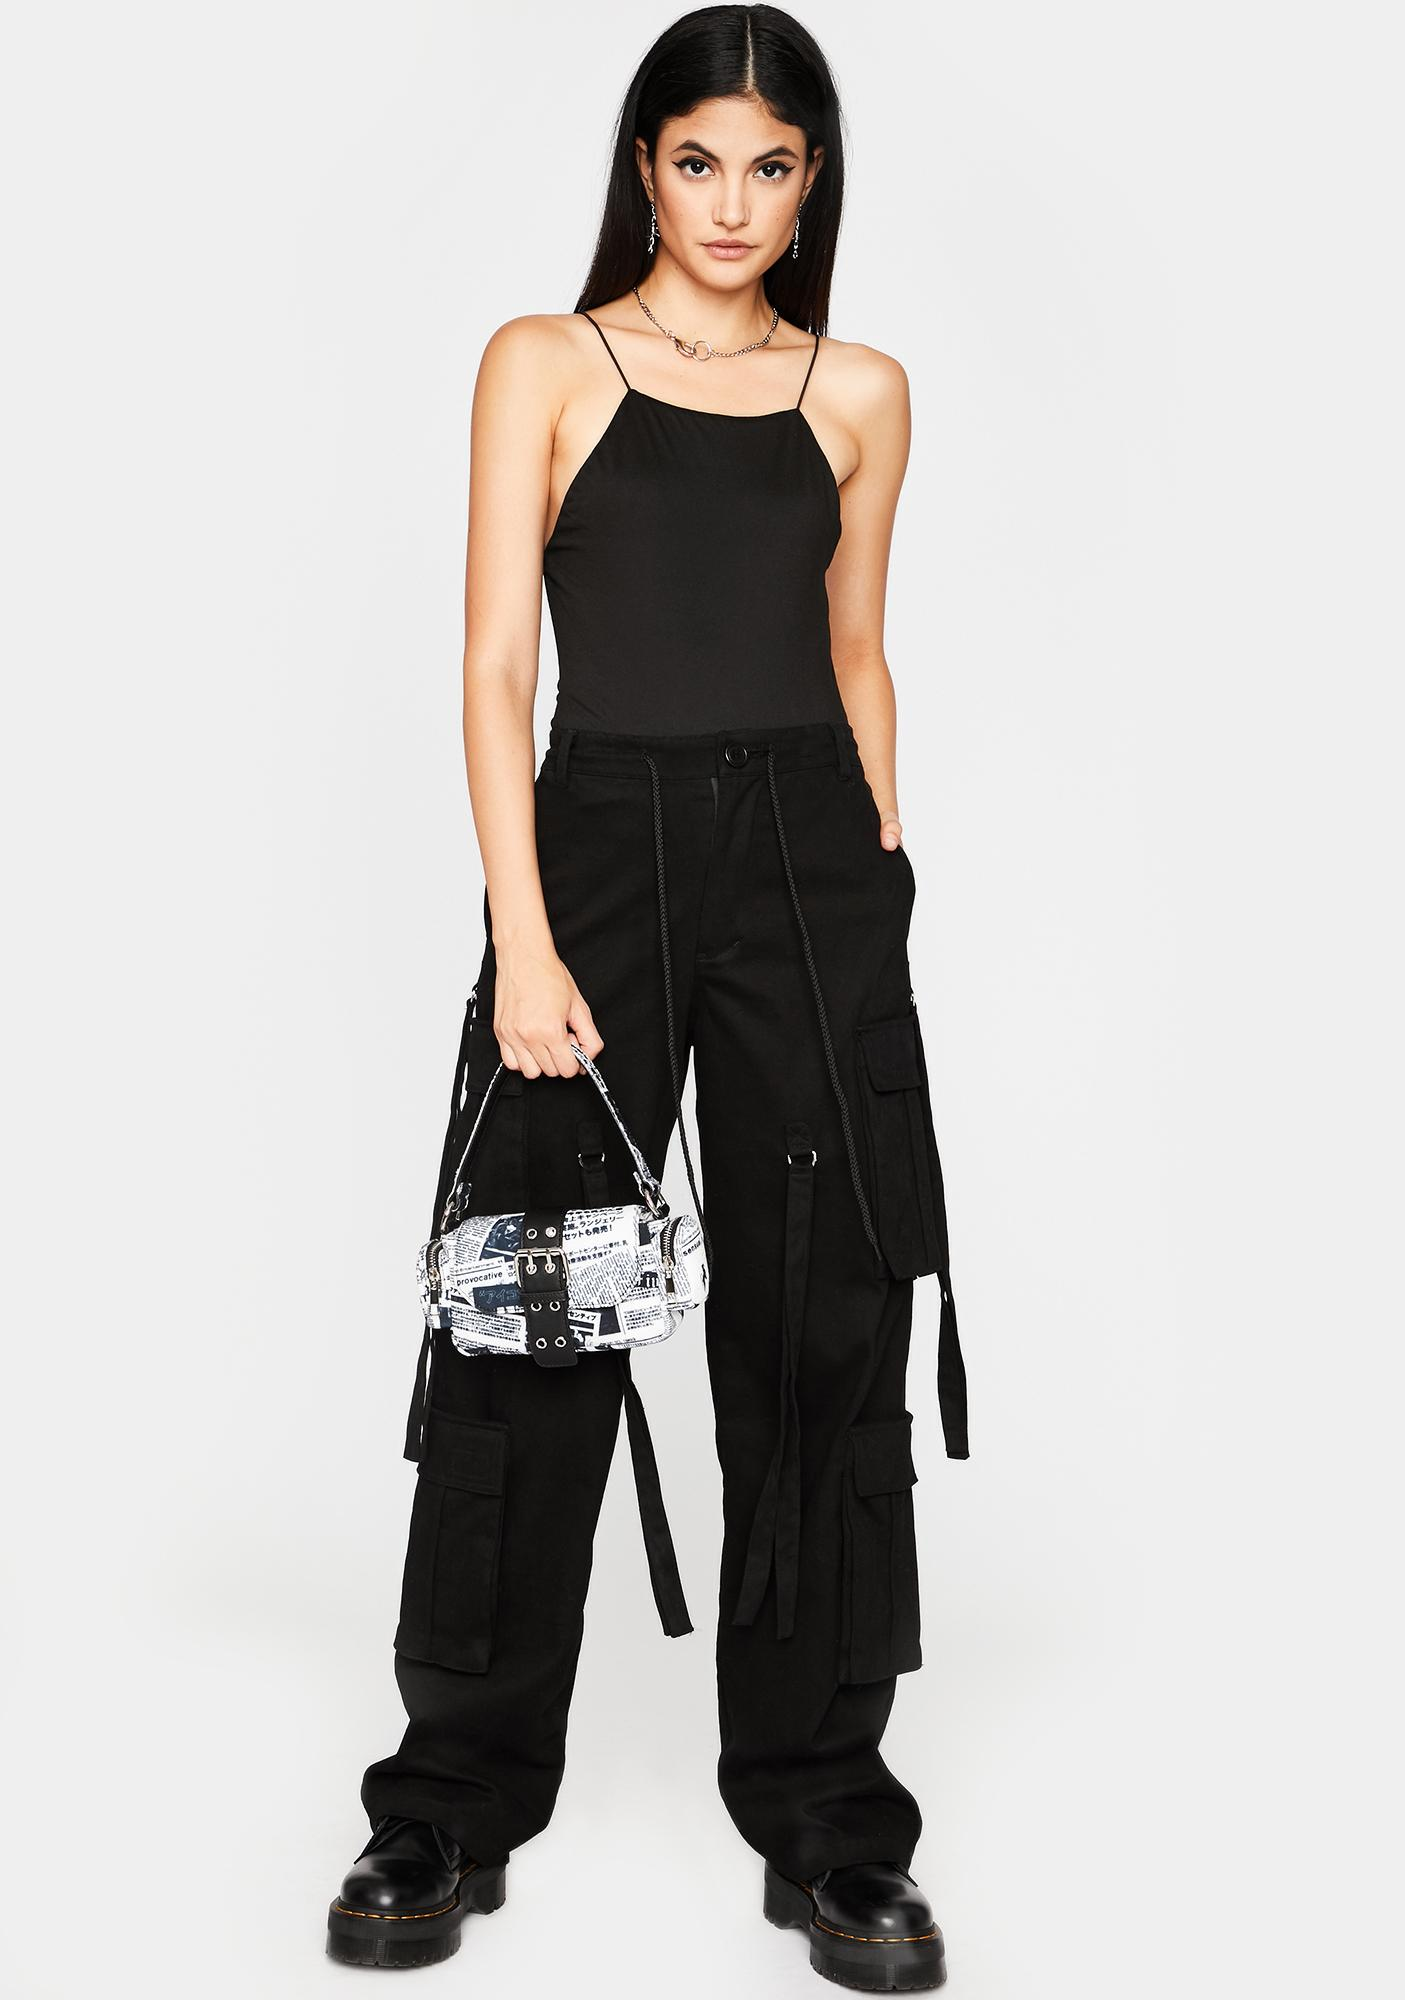 Dark Livin' Lit' Cami Bodysuit